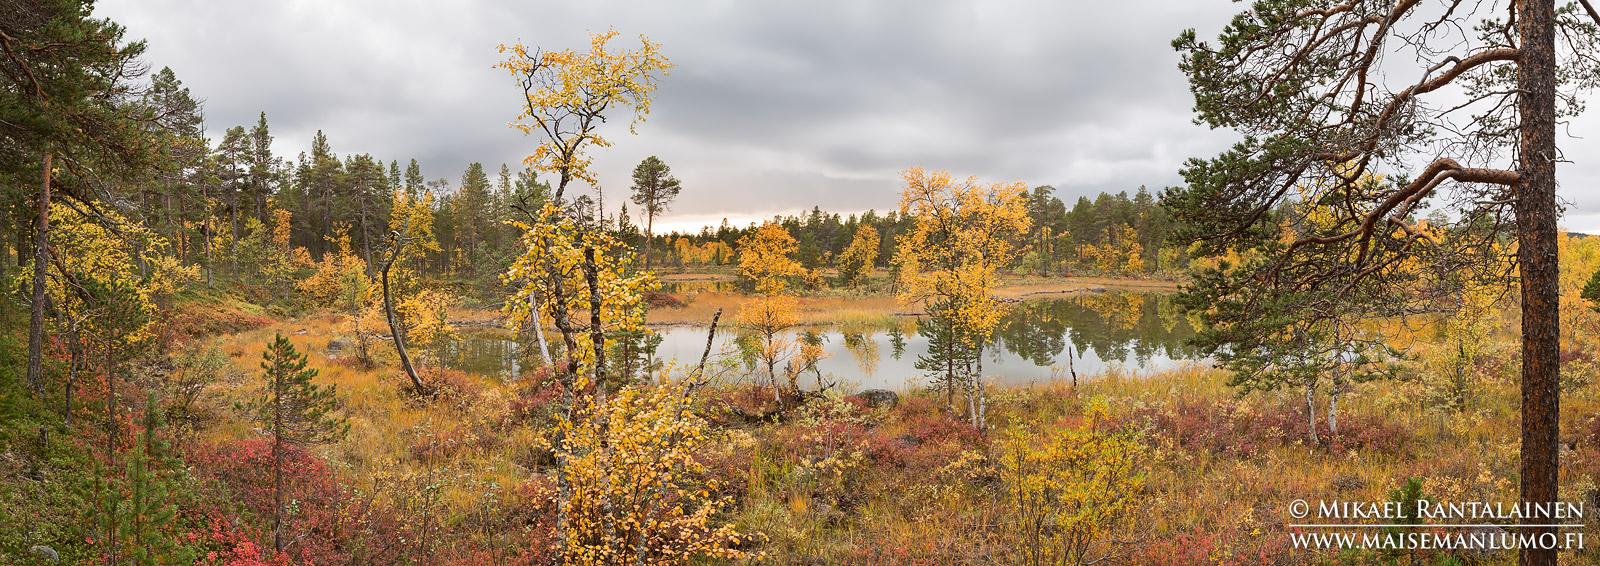 Haapakosken lähellä, Inari (PK108)